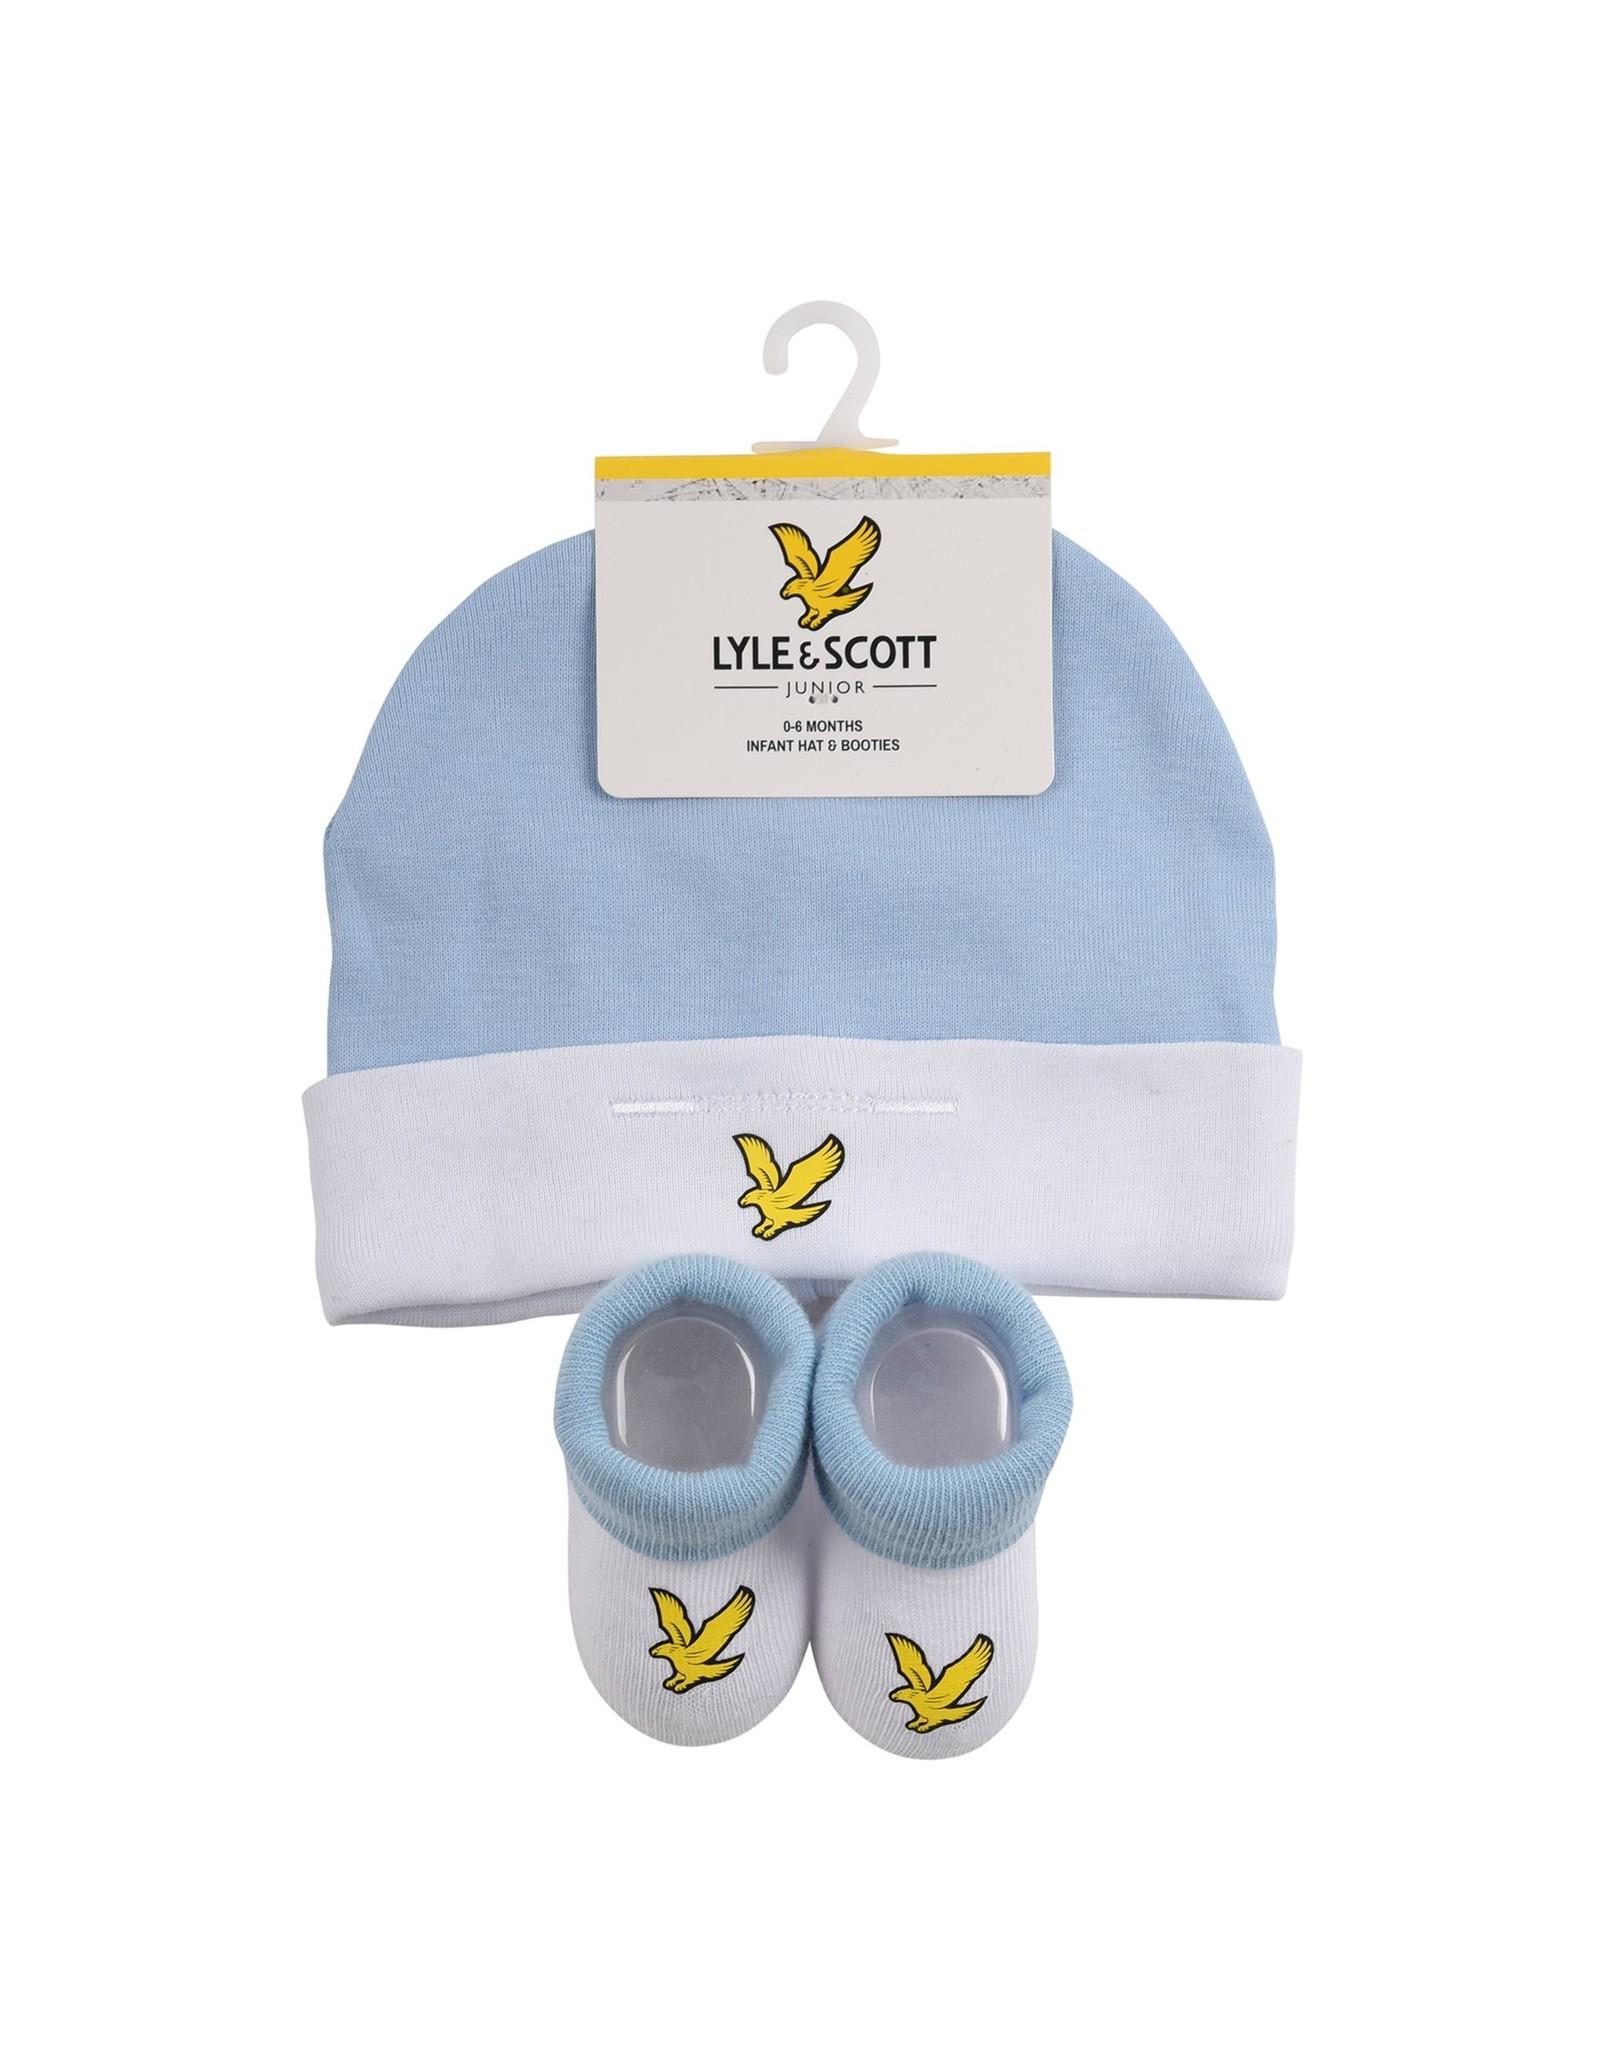 Lyle & Scott Boys Eagle Badge Hat & Bootie Set Chambray Blue